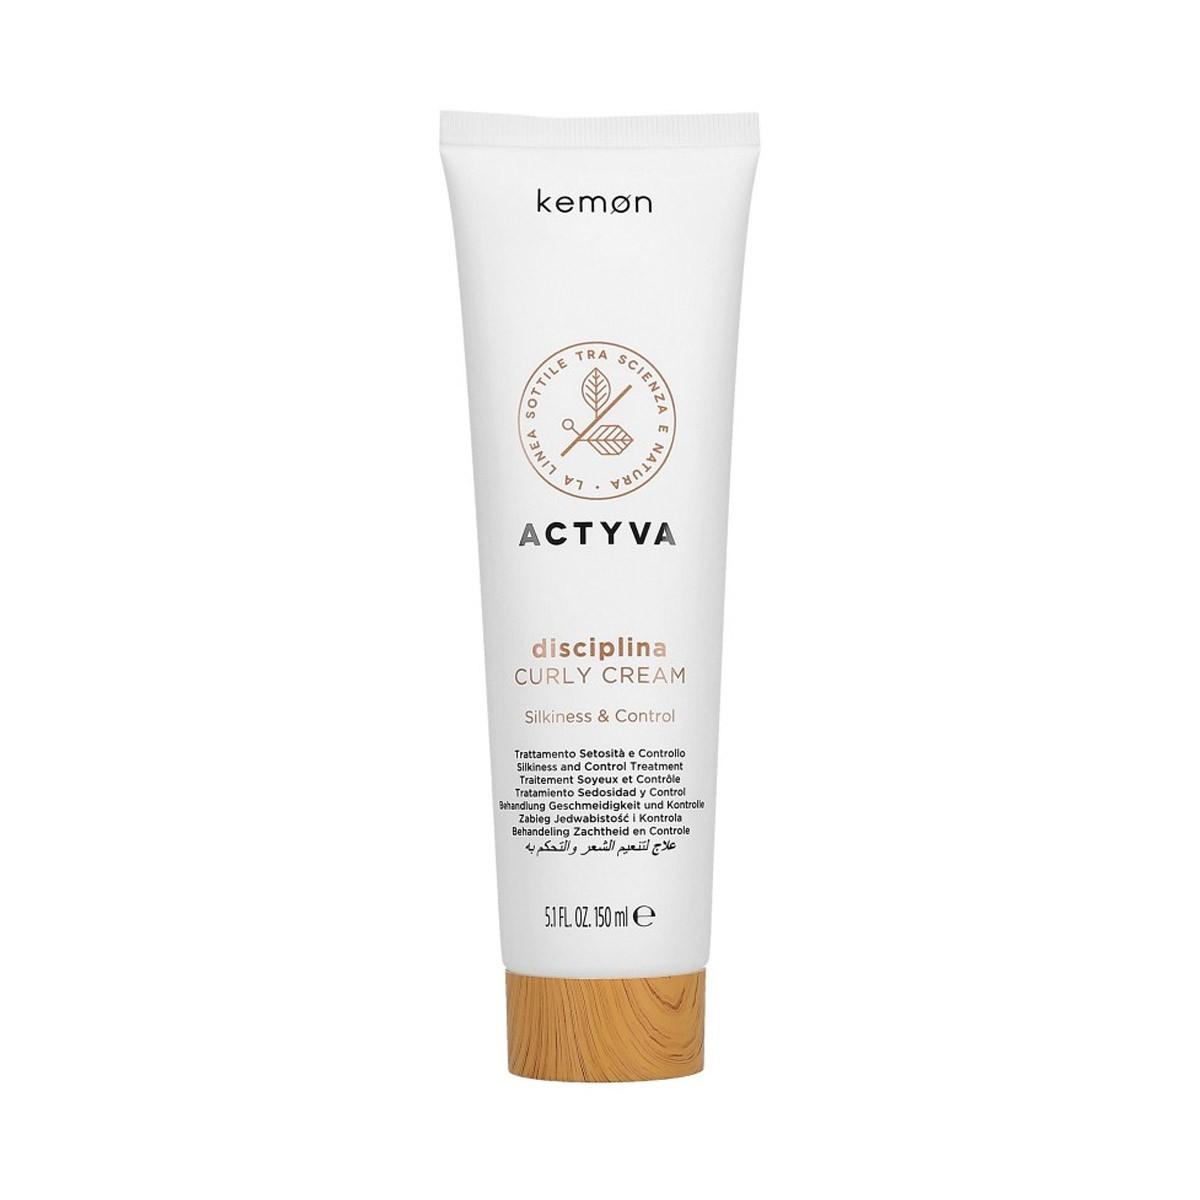 KEMON Actyva Disciplina Curly Cream 150ml - Krem dyscyplinujący, wygładzający i modelujący do loków